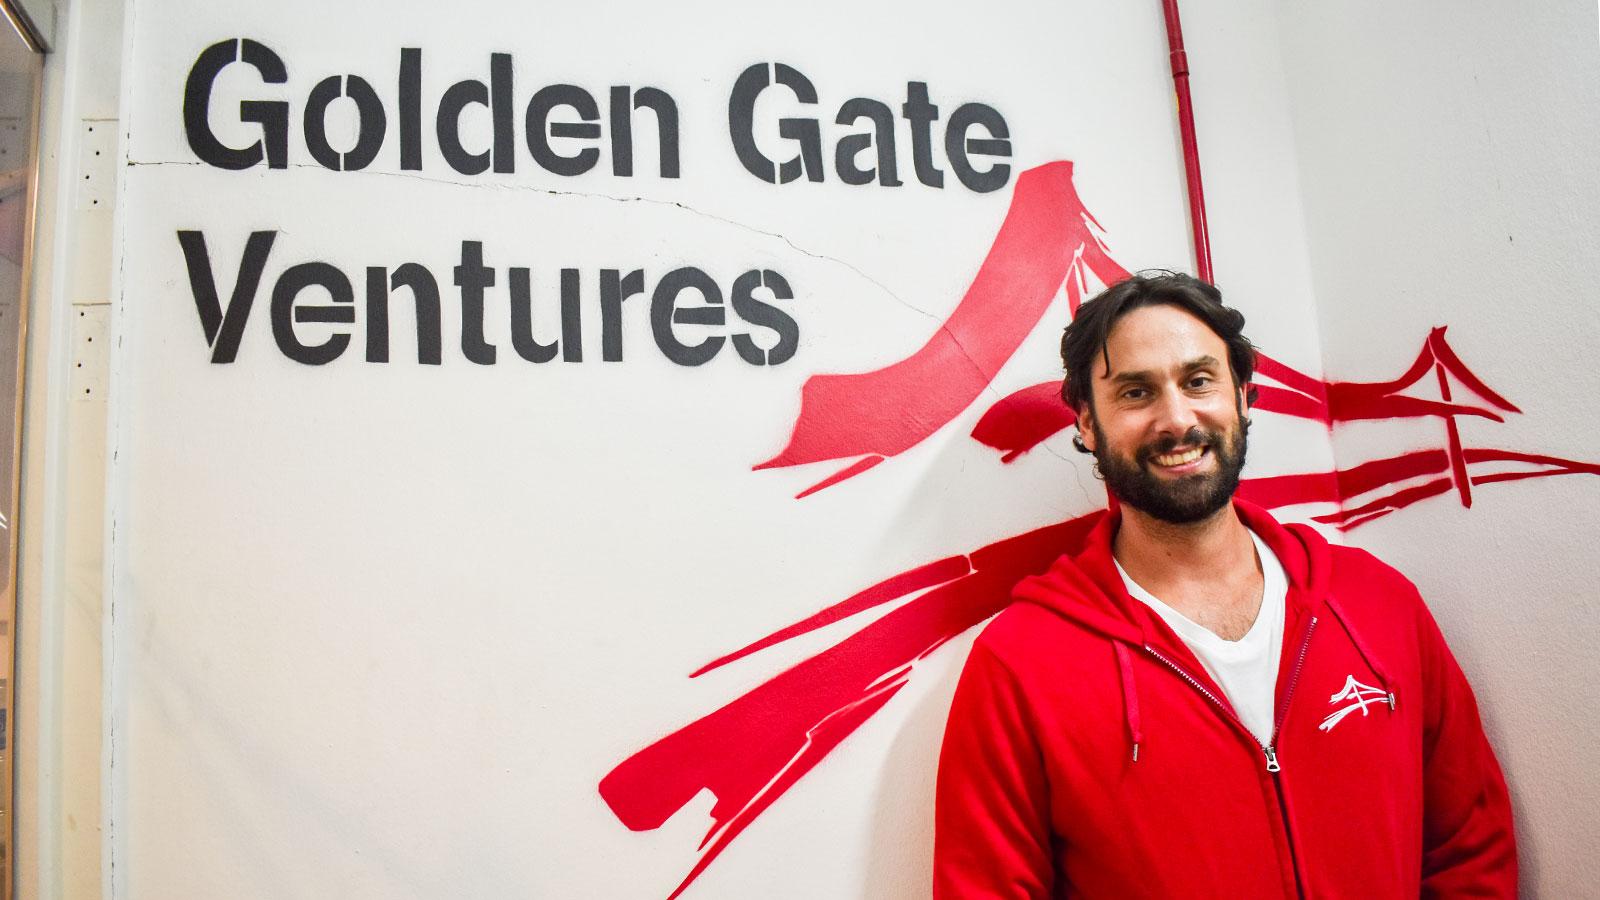 【東南アジアVC】主役は起業家。「シリコンバレー式」で東南アジアスタートアップ の成長を加速